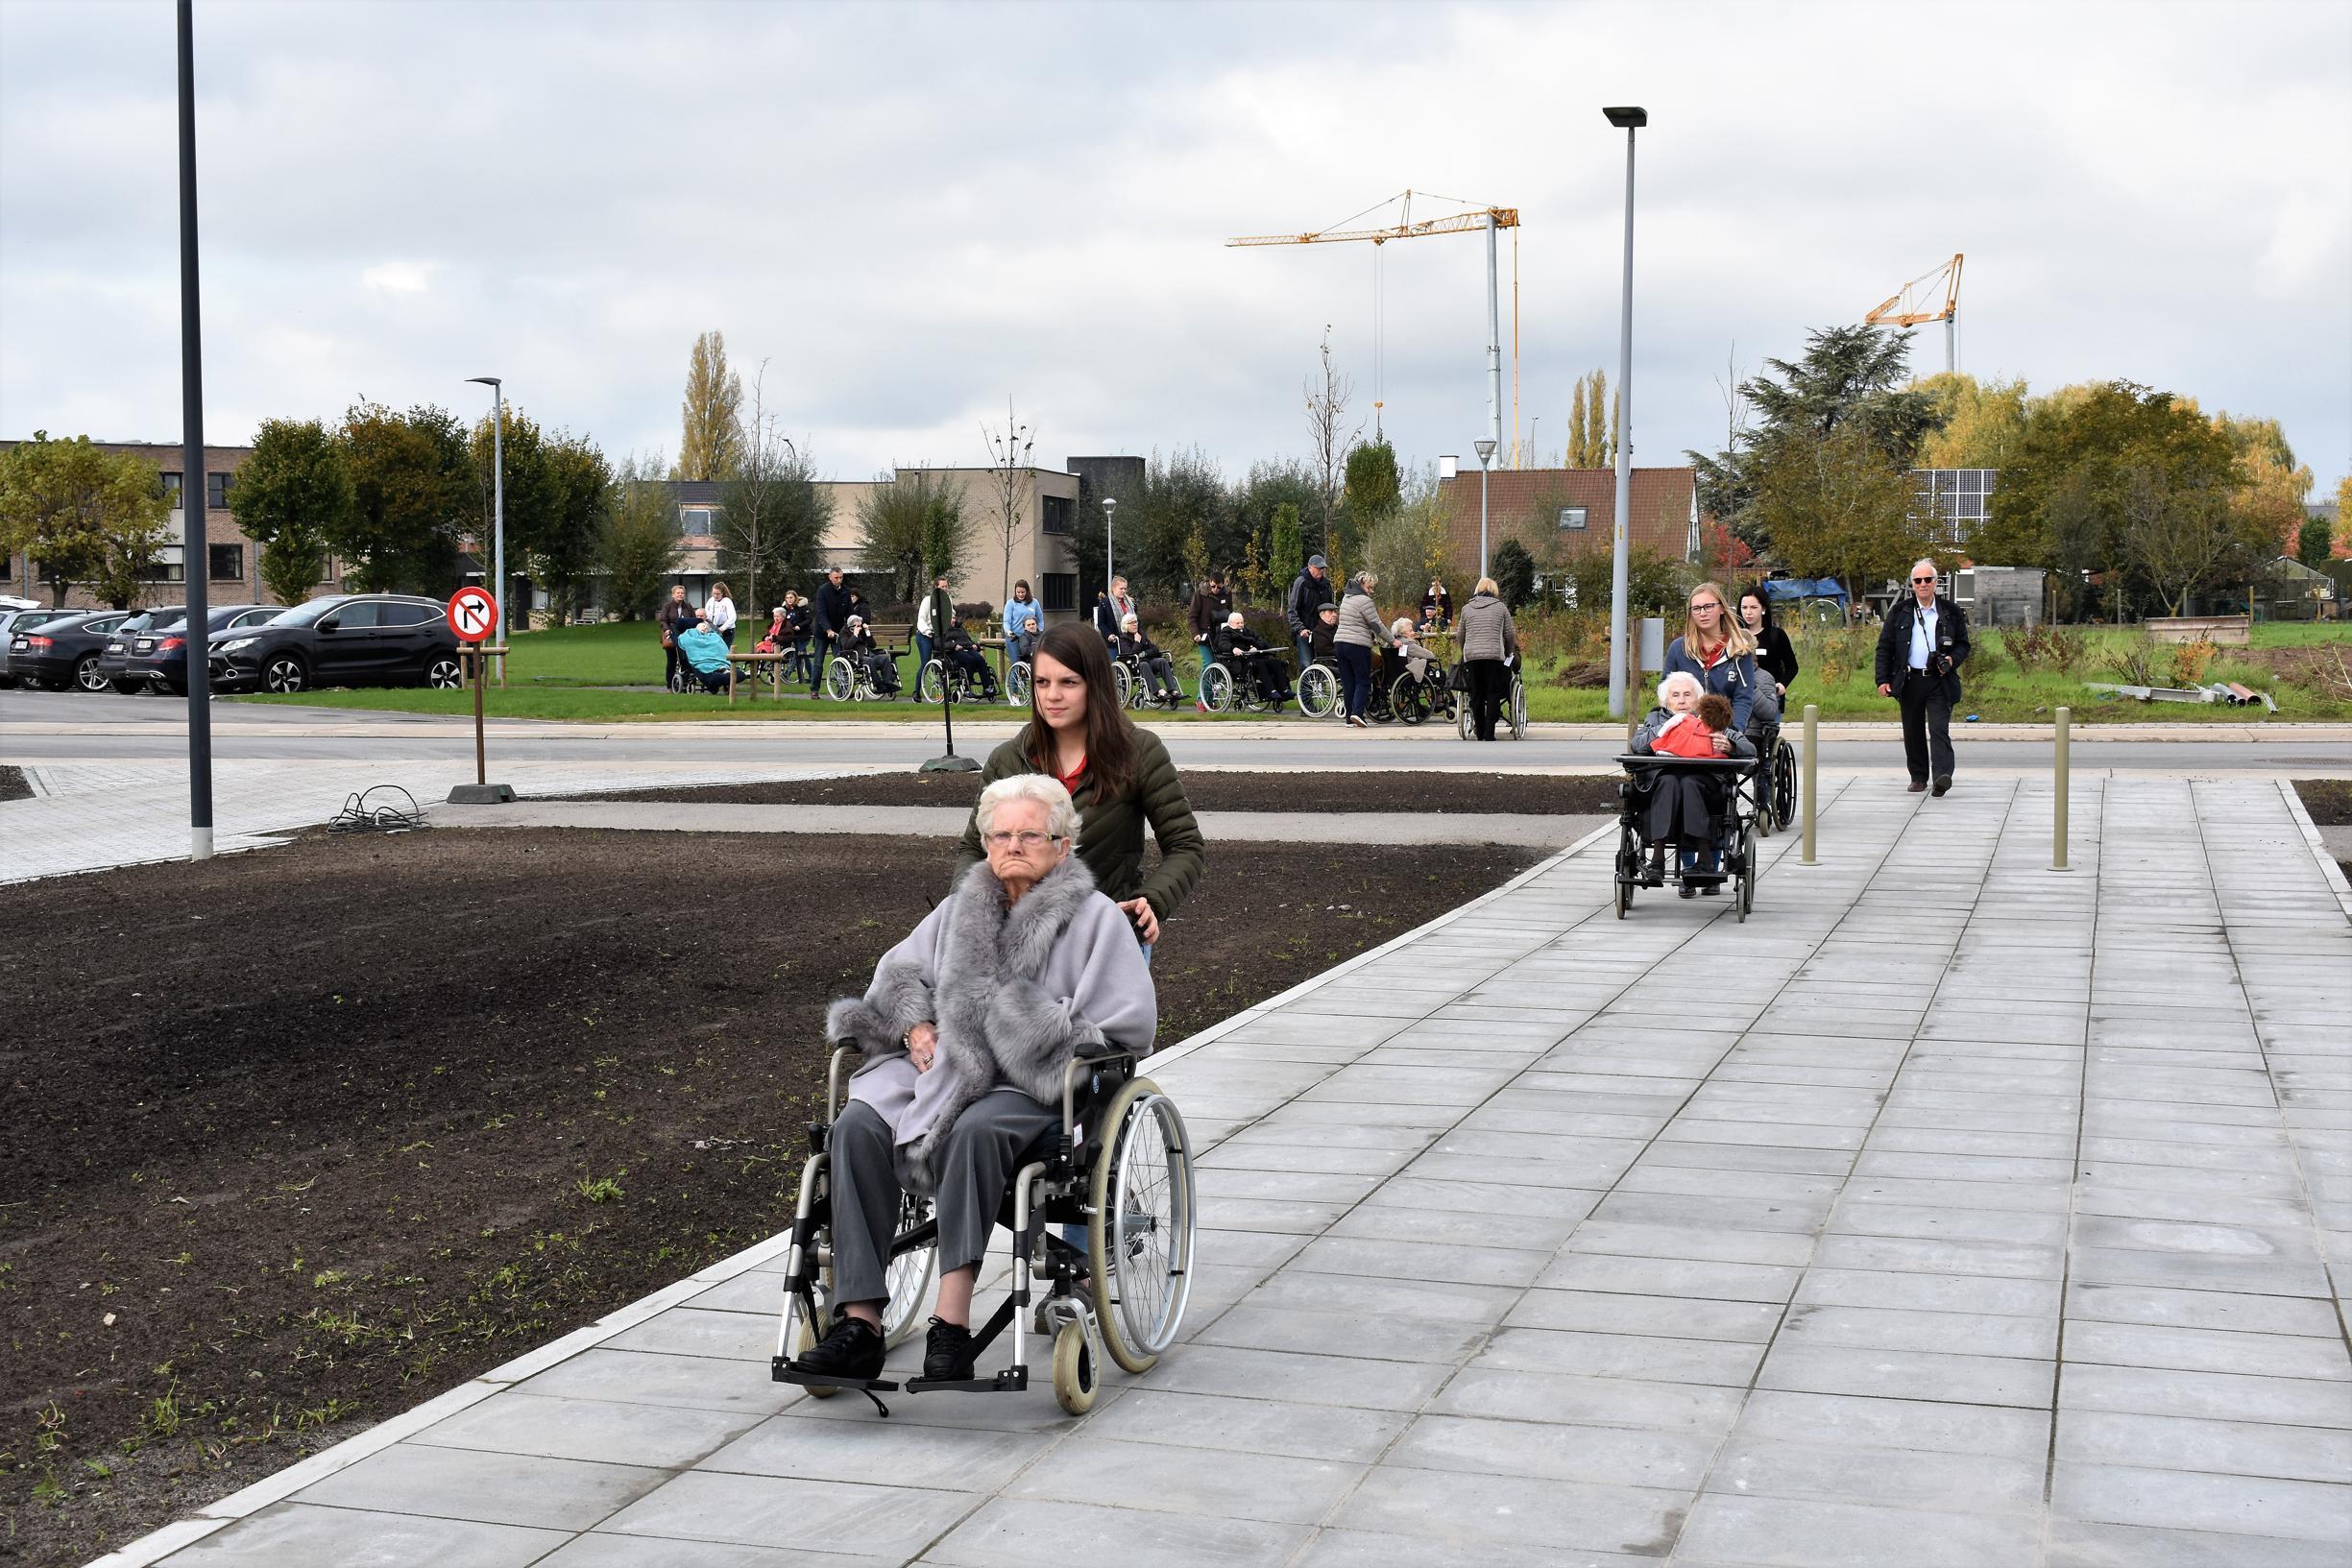 Met een stoet van rolstoelen verhuizen bewoners naar nieuw woonzorgcentrum